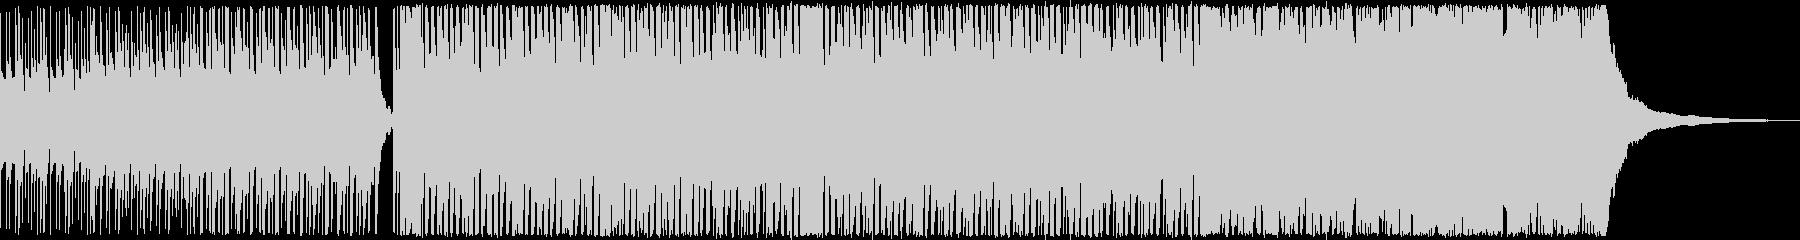 クラップで始まるカジュアルなポップスの未再生の波形